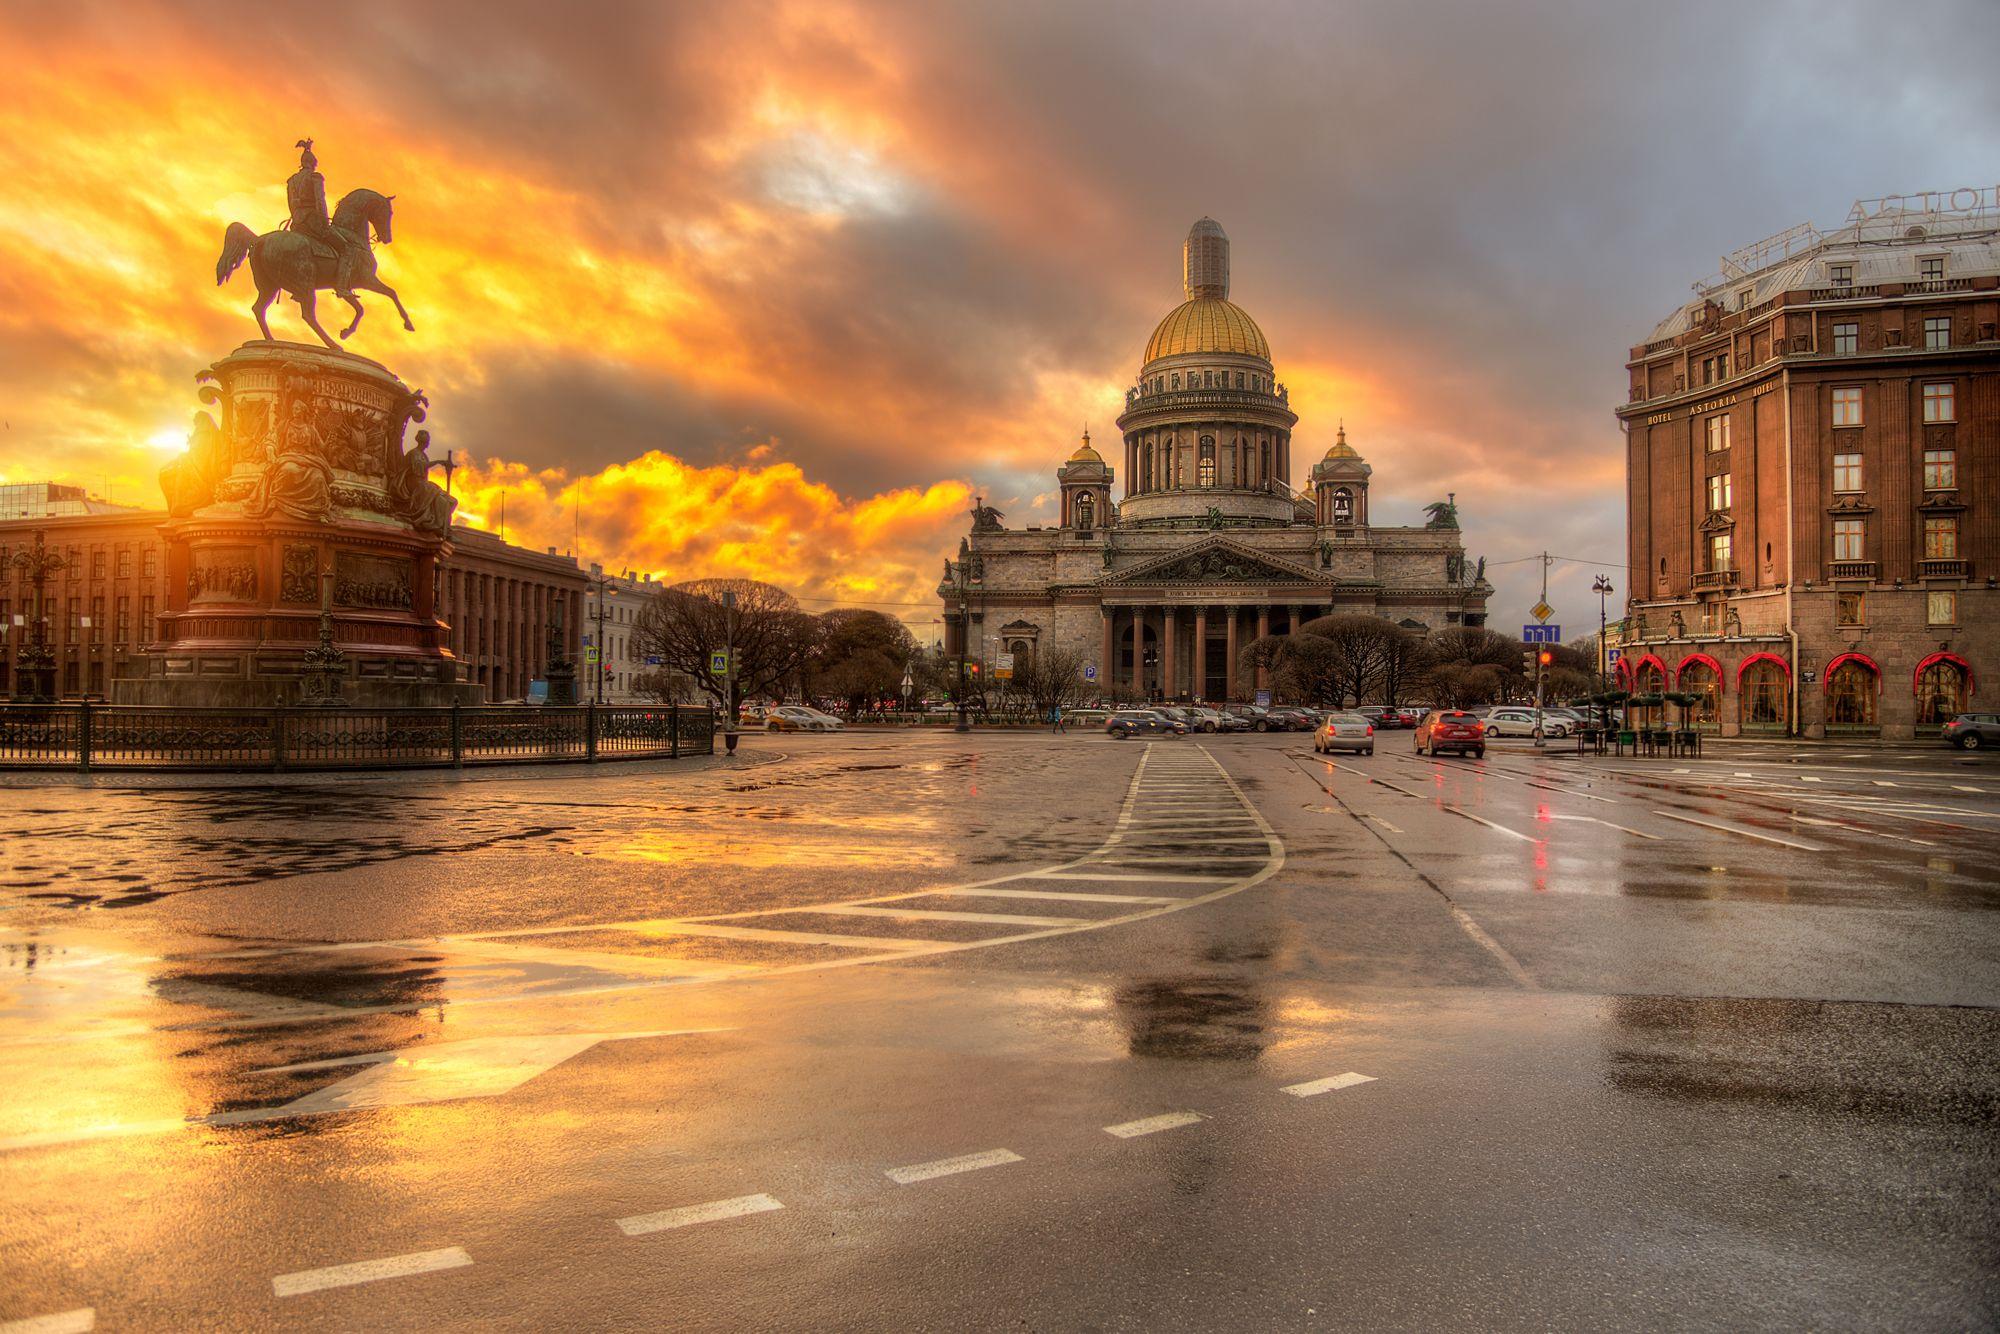 картинки санкт-петербурга хорошего качества на рабочий стол долго